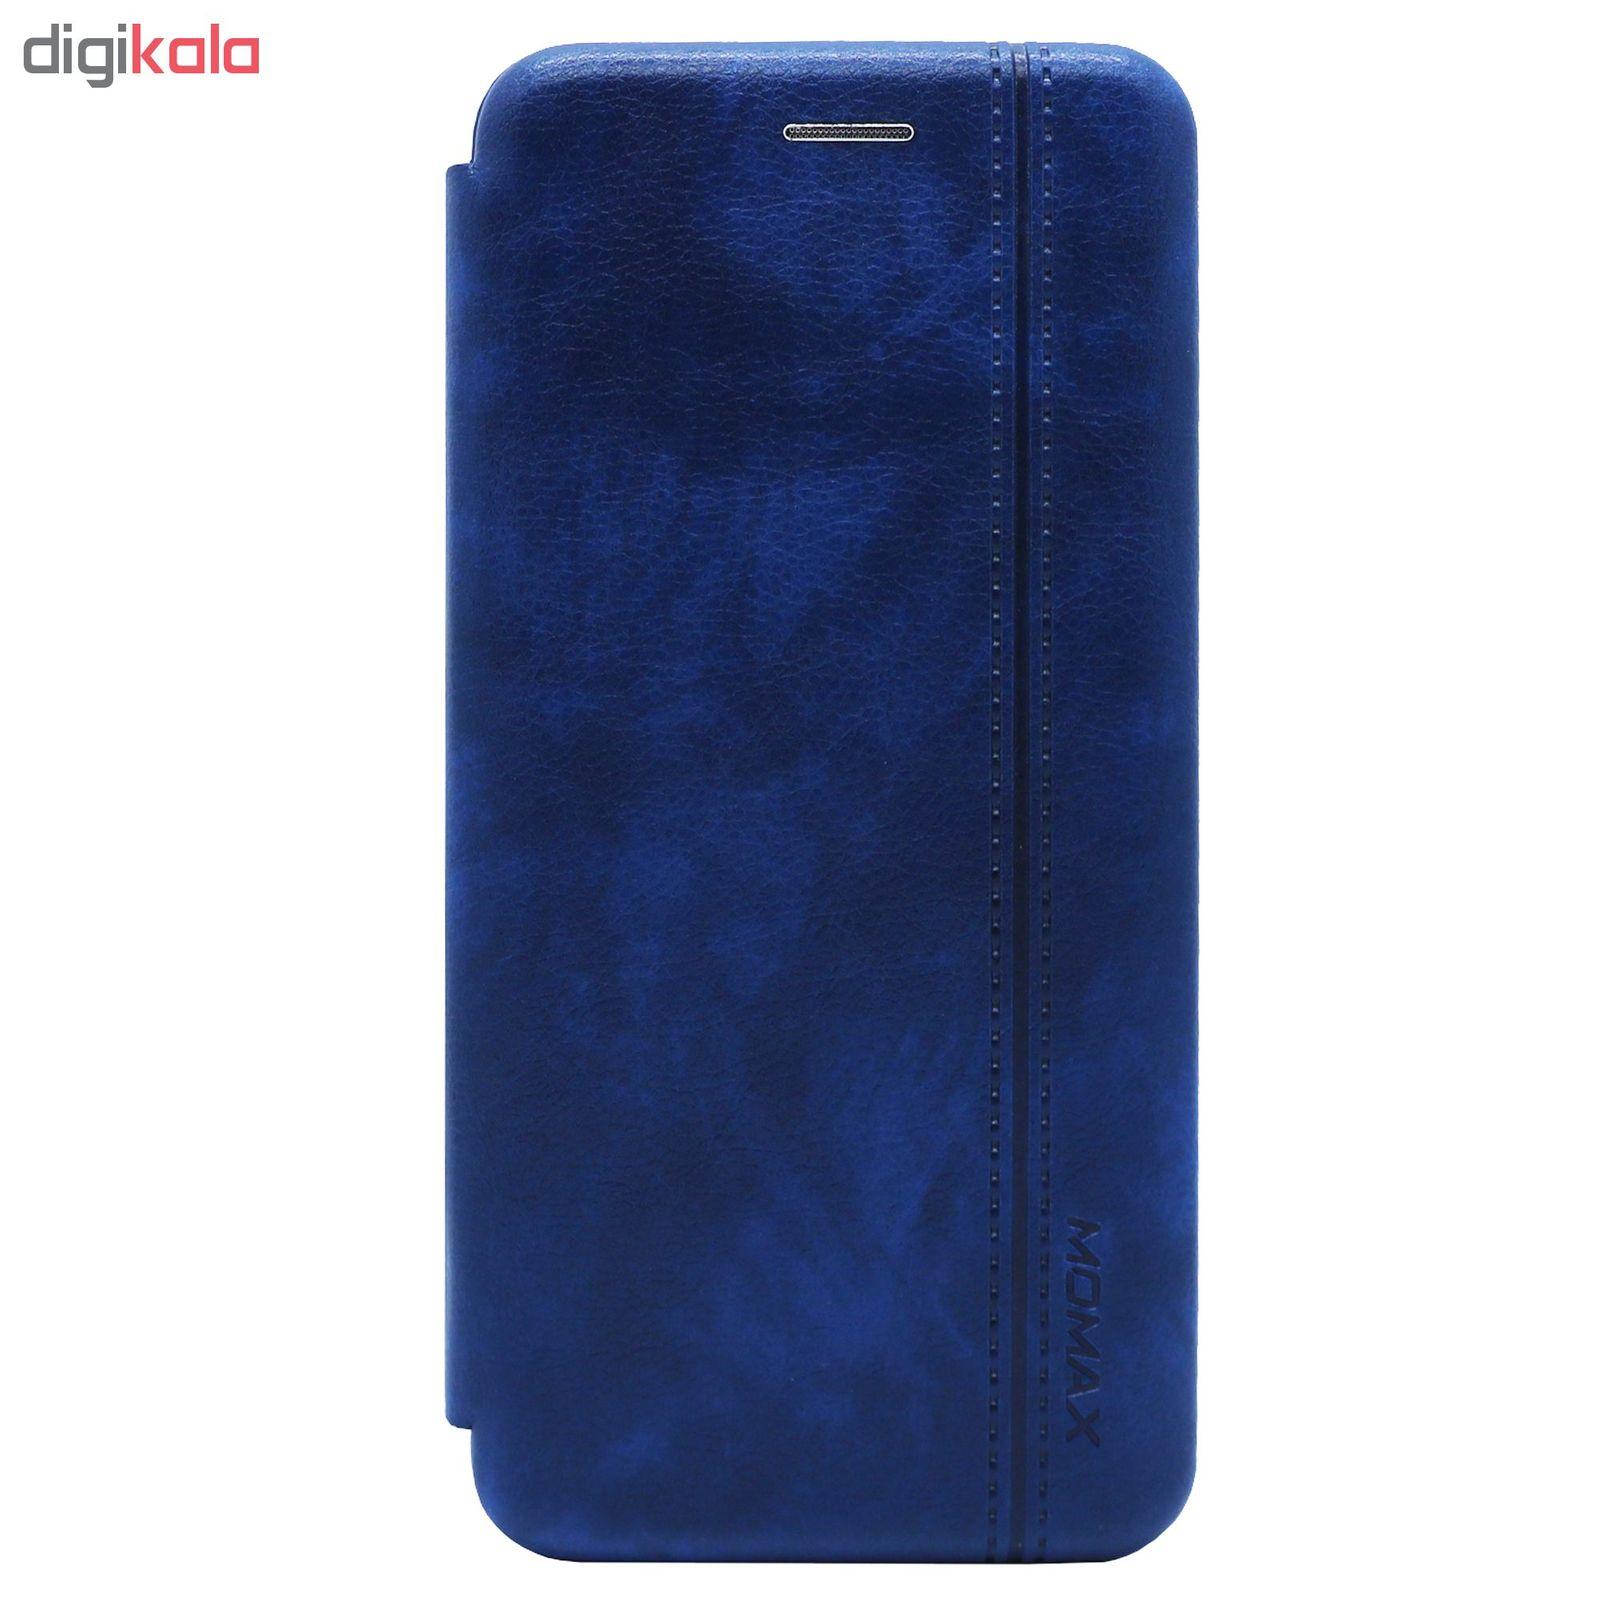 کیف کلاسوری مومکس مدل D-1 مناسب برای گوشی موبایل سامسونگ Galaxy A10 main 1 1